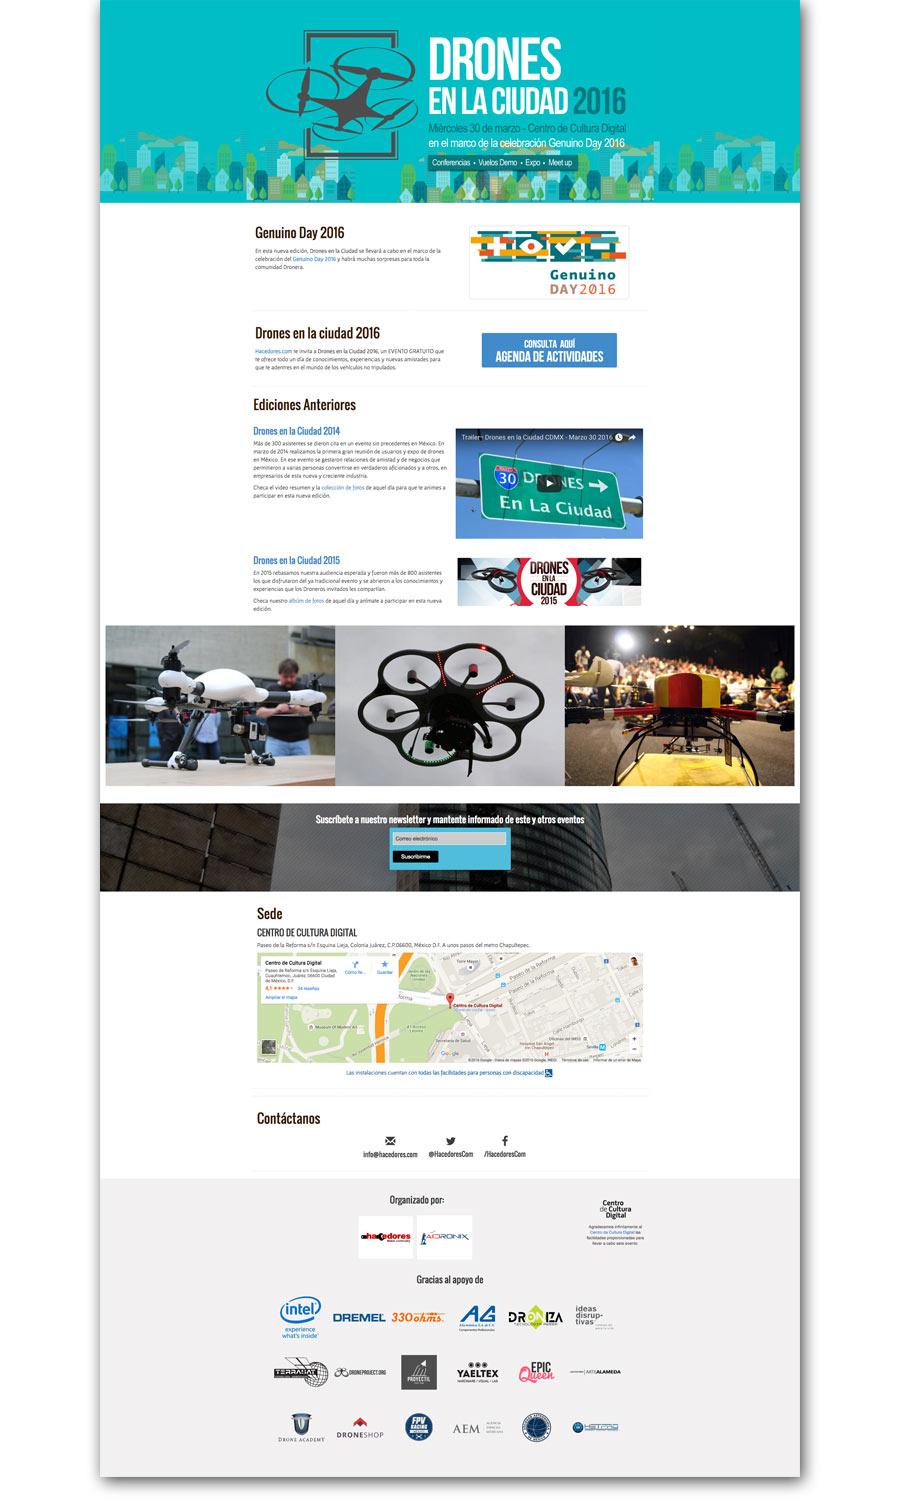 Drones en la ciudad - Página Web - CreadoresWeb.mx